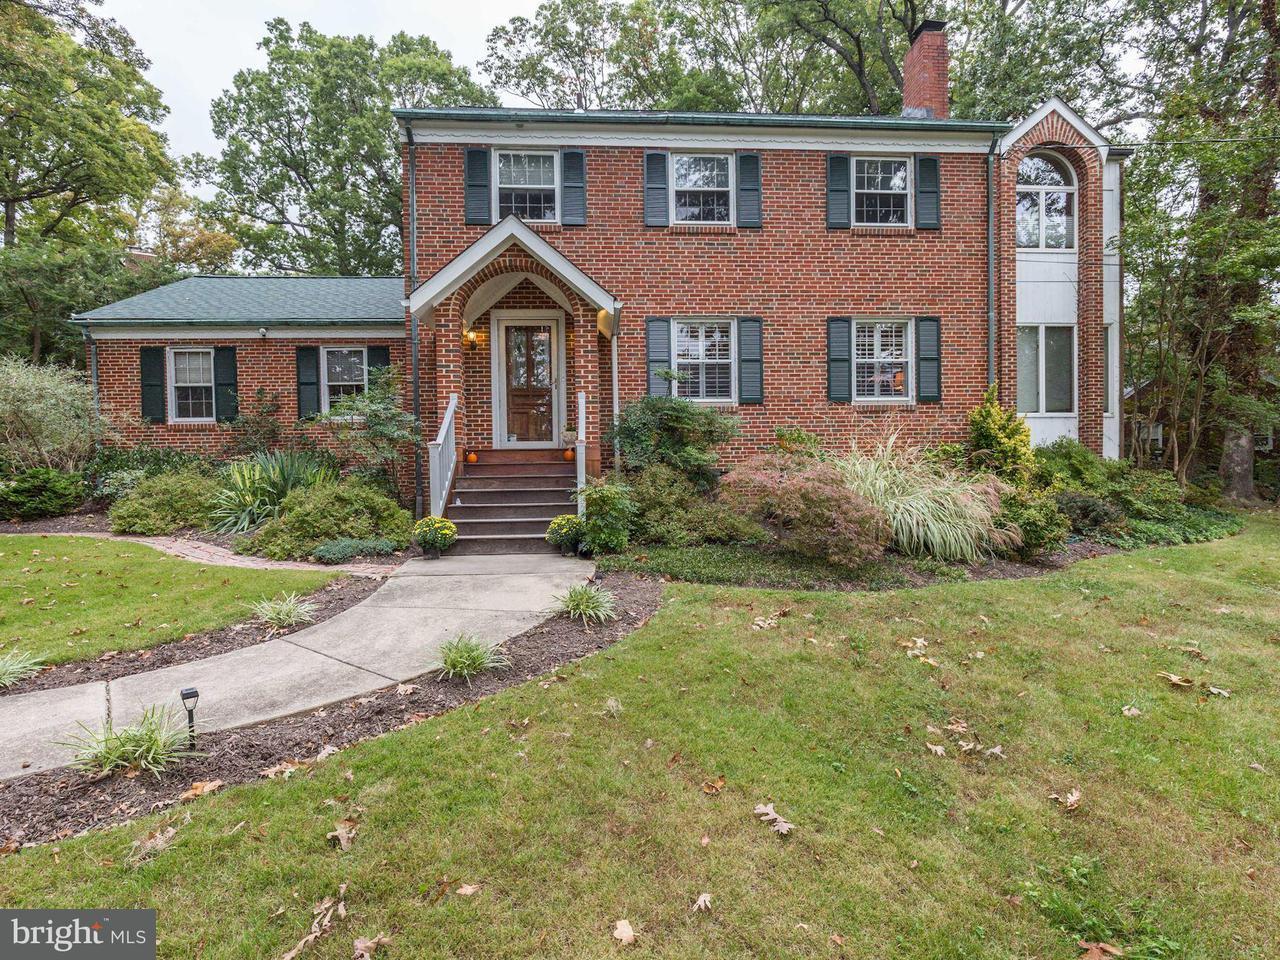 独户住宅 为 销售 在 7107 Wells Pkwy 7107 Wells Pkwy Hyattsville, 马里兰州 20782 美国